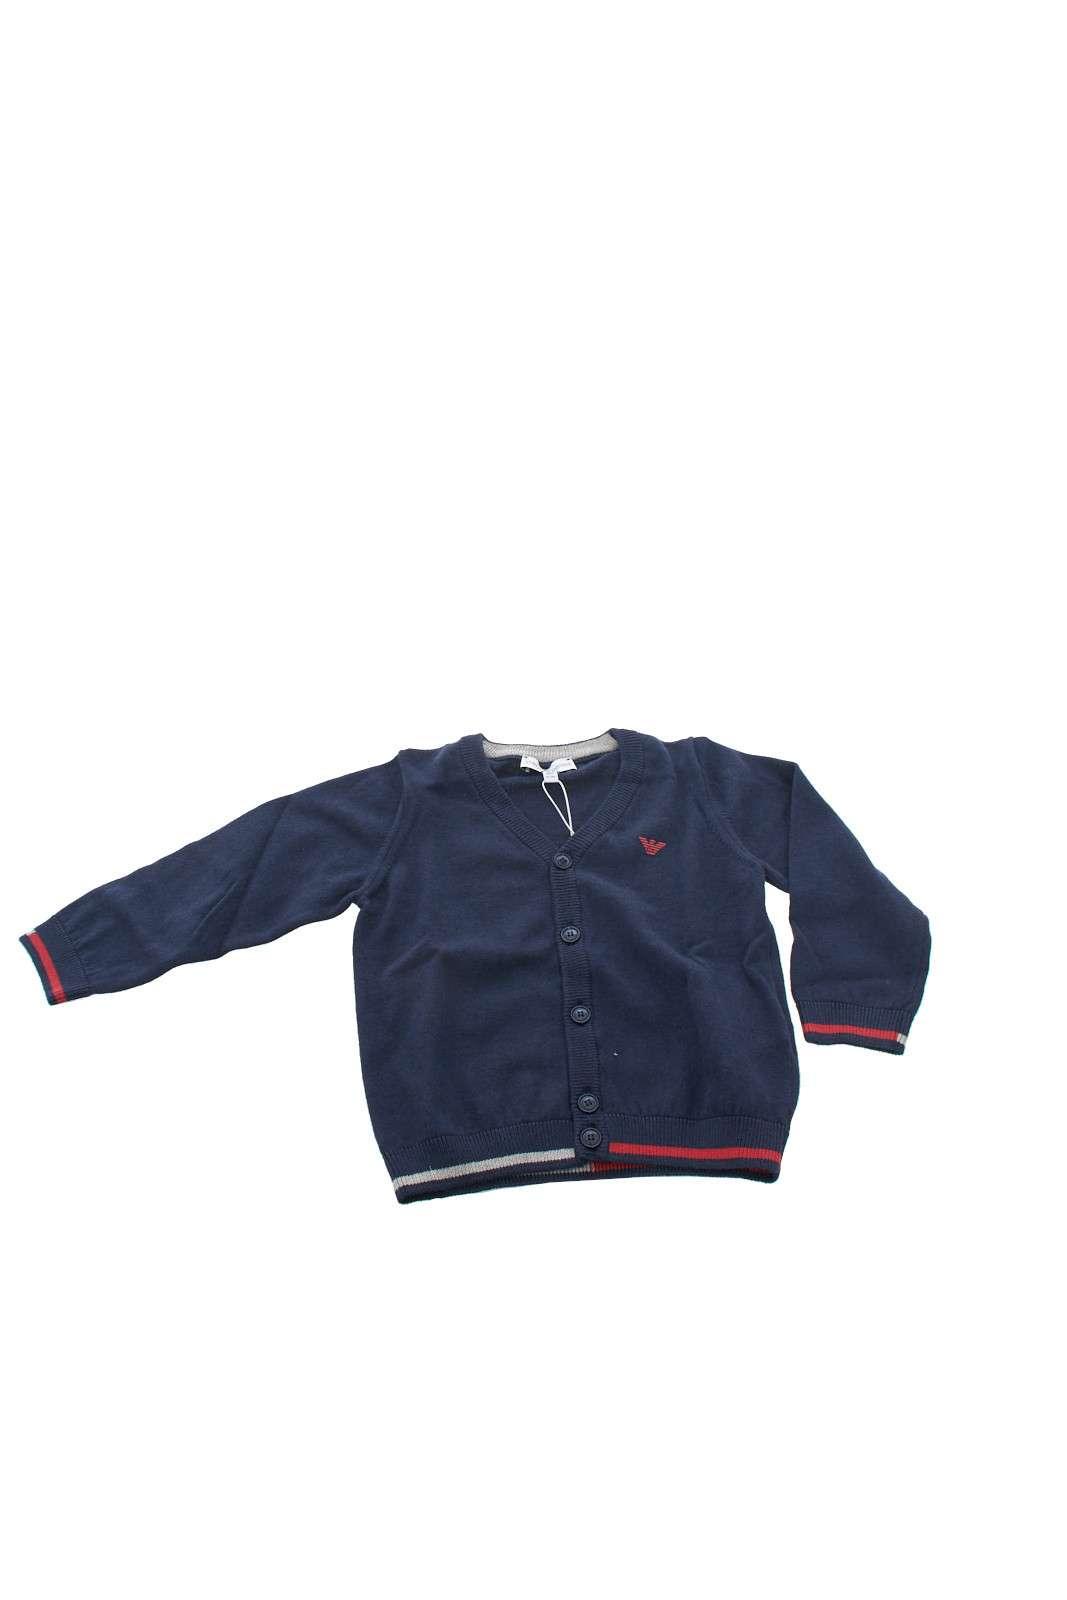 Un cardigan per rendere il tuo bambino un piccolo uomo quello firmato Emporio Armami. Abbinato ad una camicia renderà il vostro piccolo elegante e formale. Realizzato in un fantastico mix tra lana e cotone, garantisce caldo e comfort prolungati.